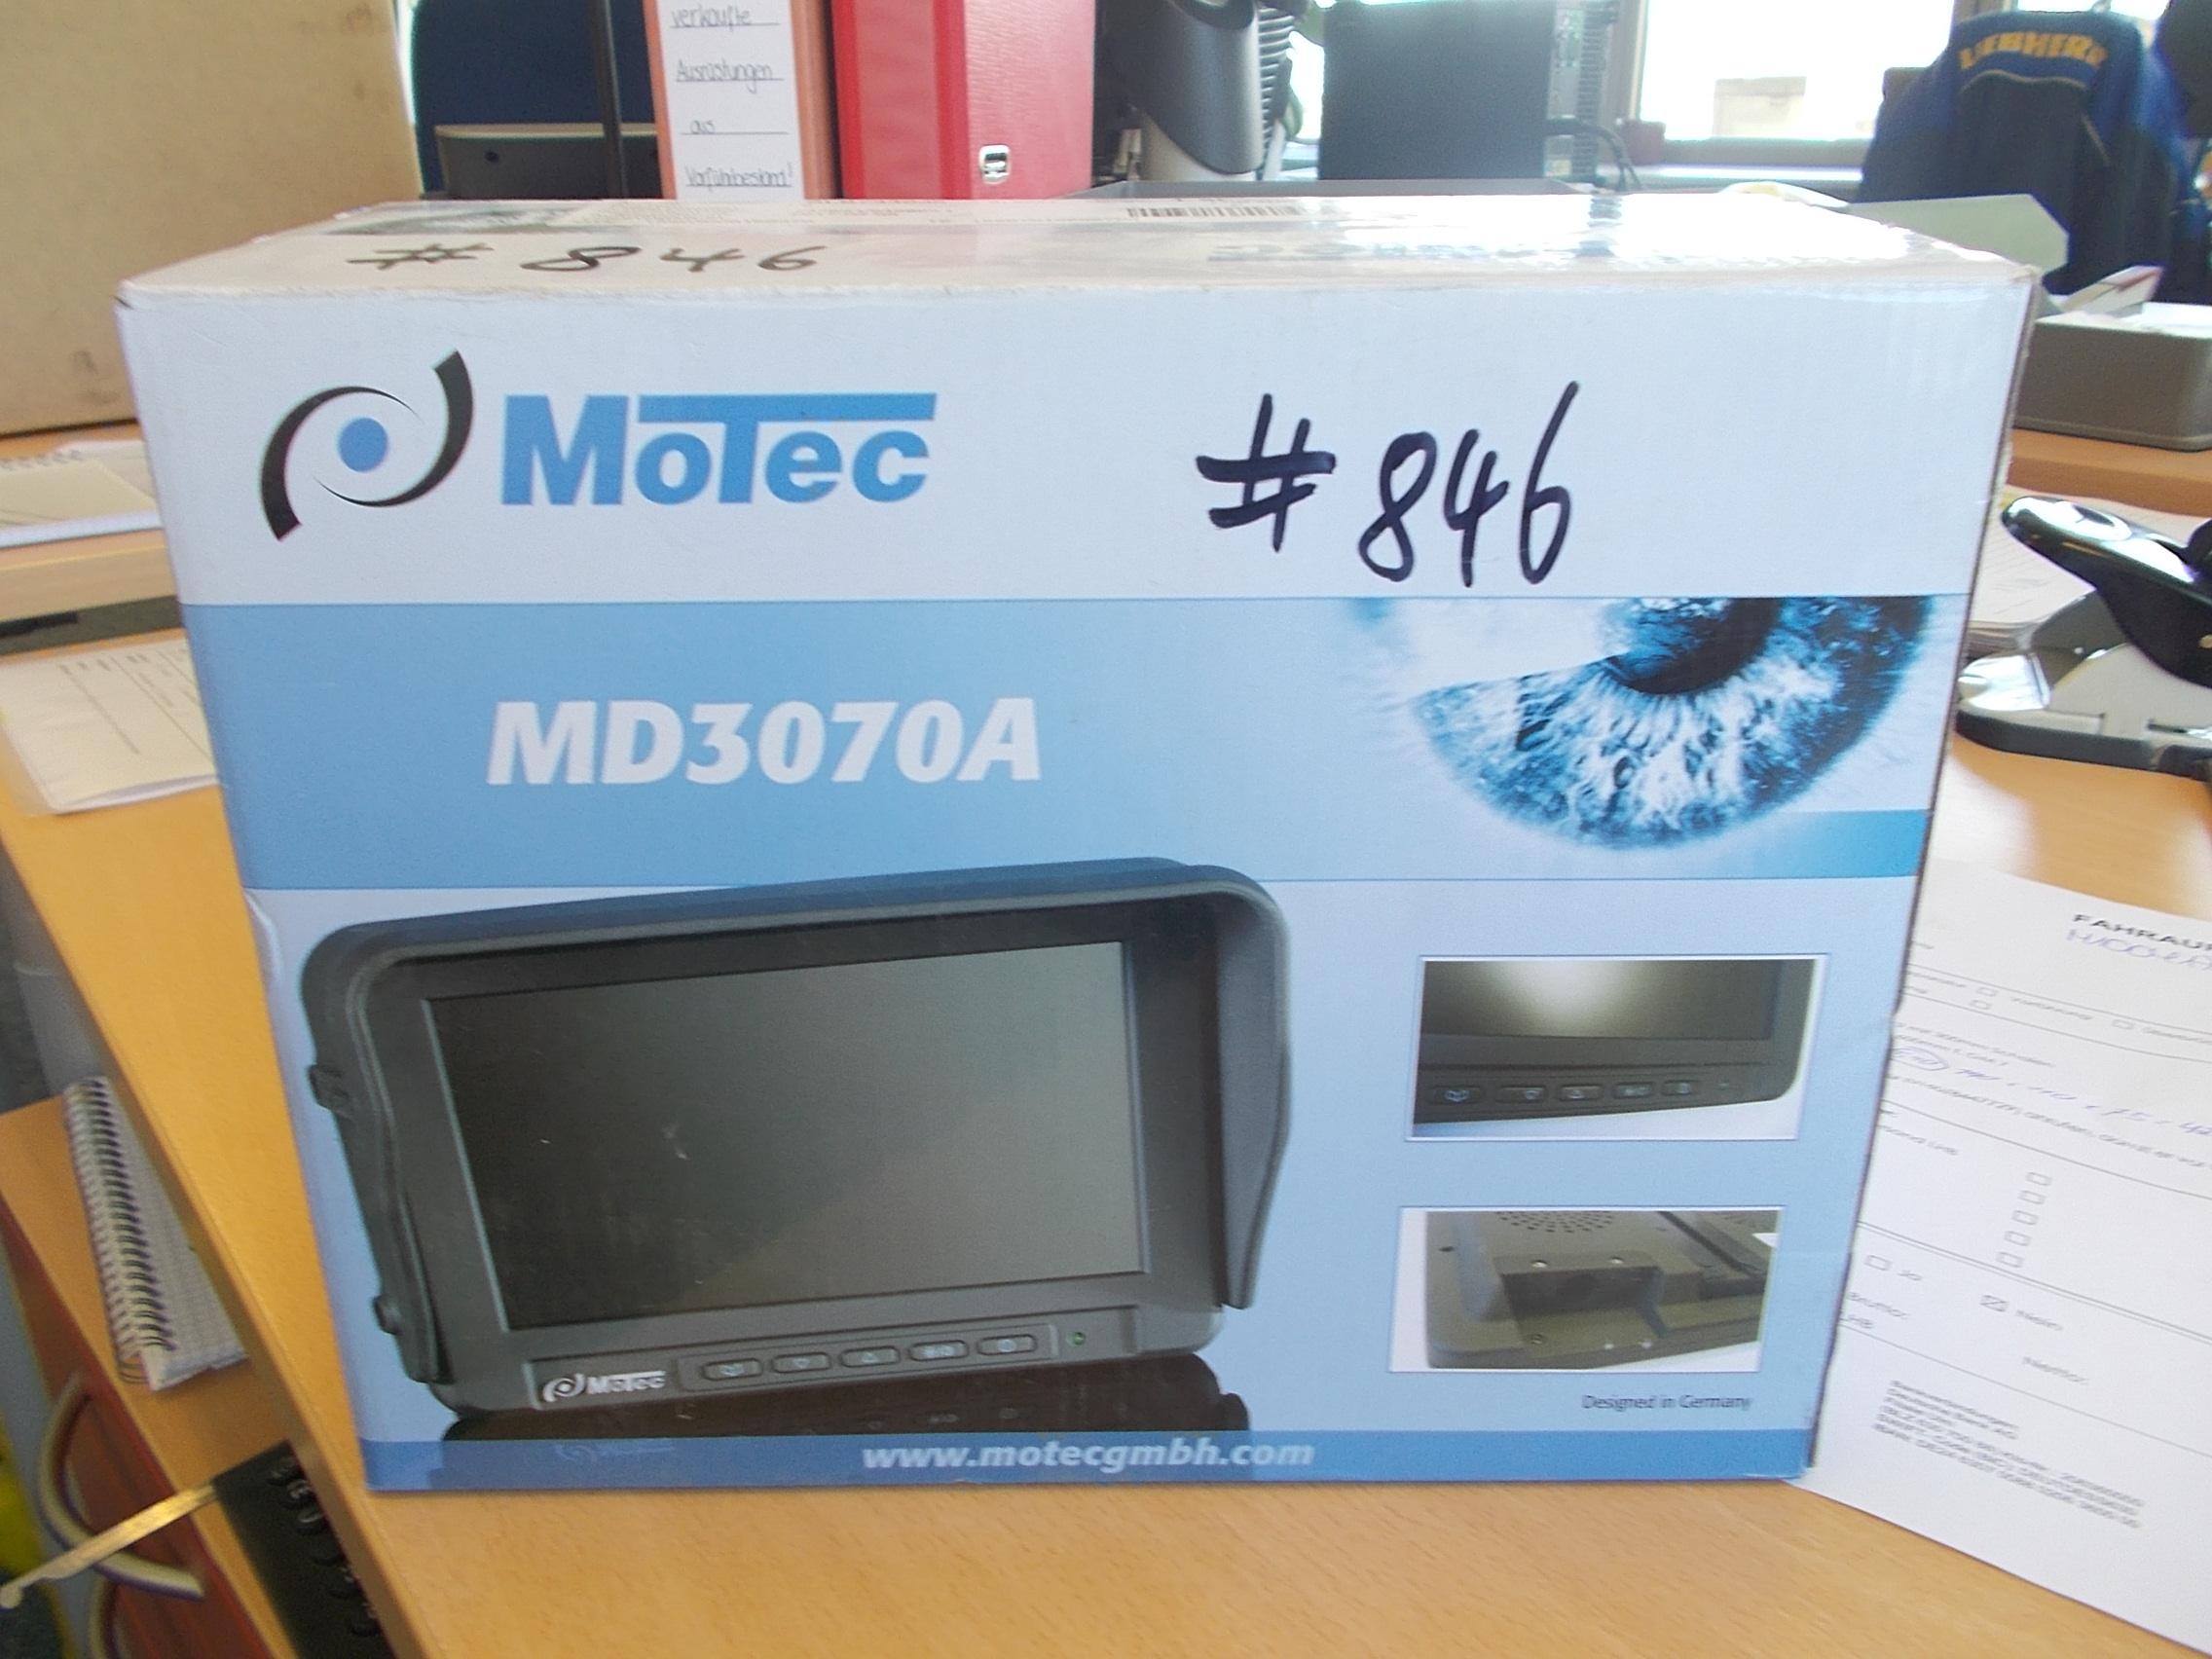 DSCN3253.JPG